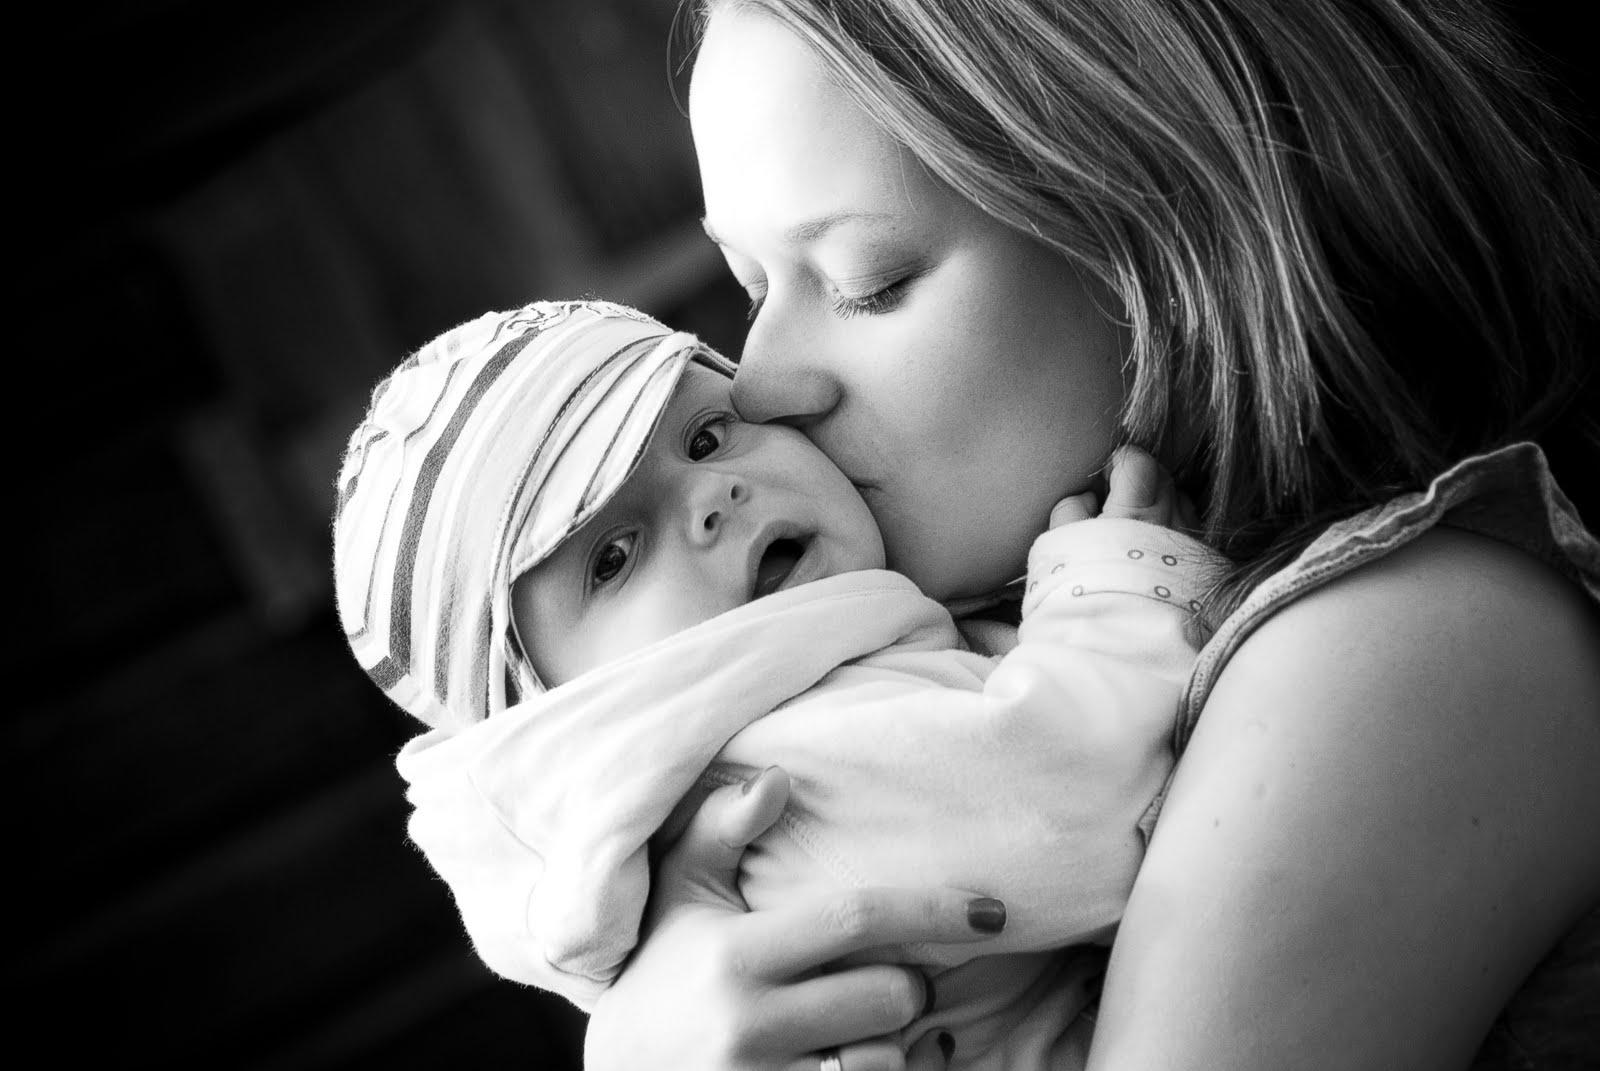 معجزه محبت مادری را بدانید